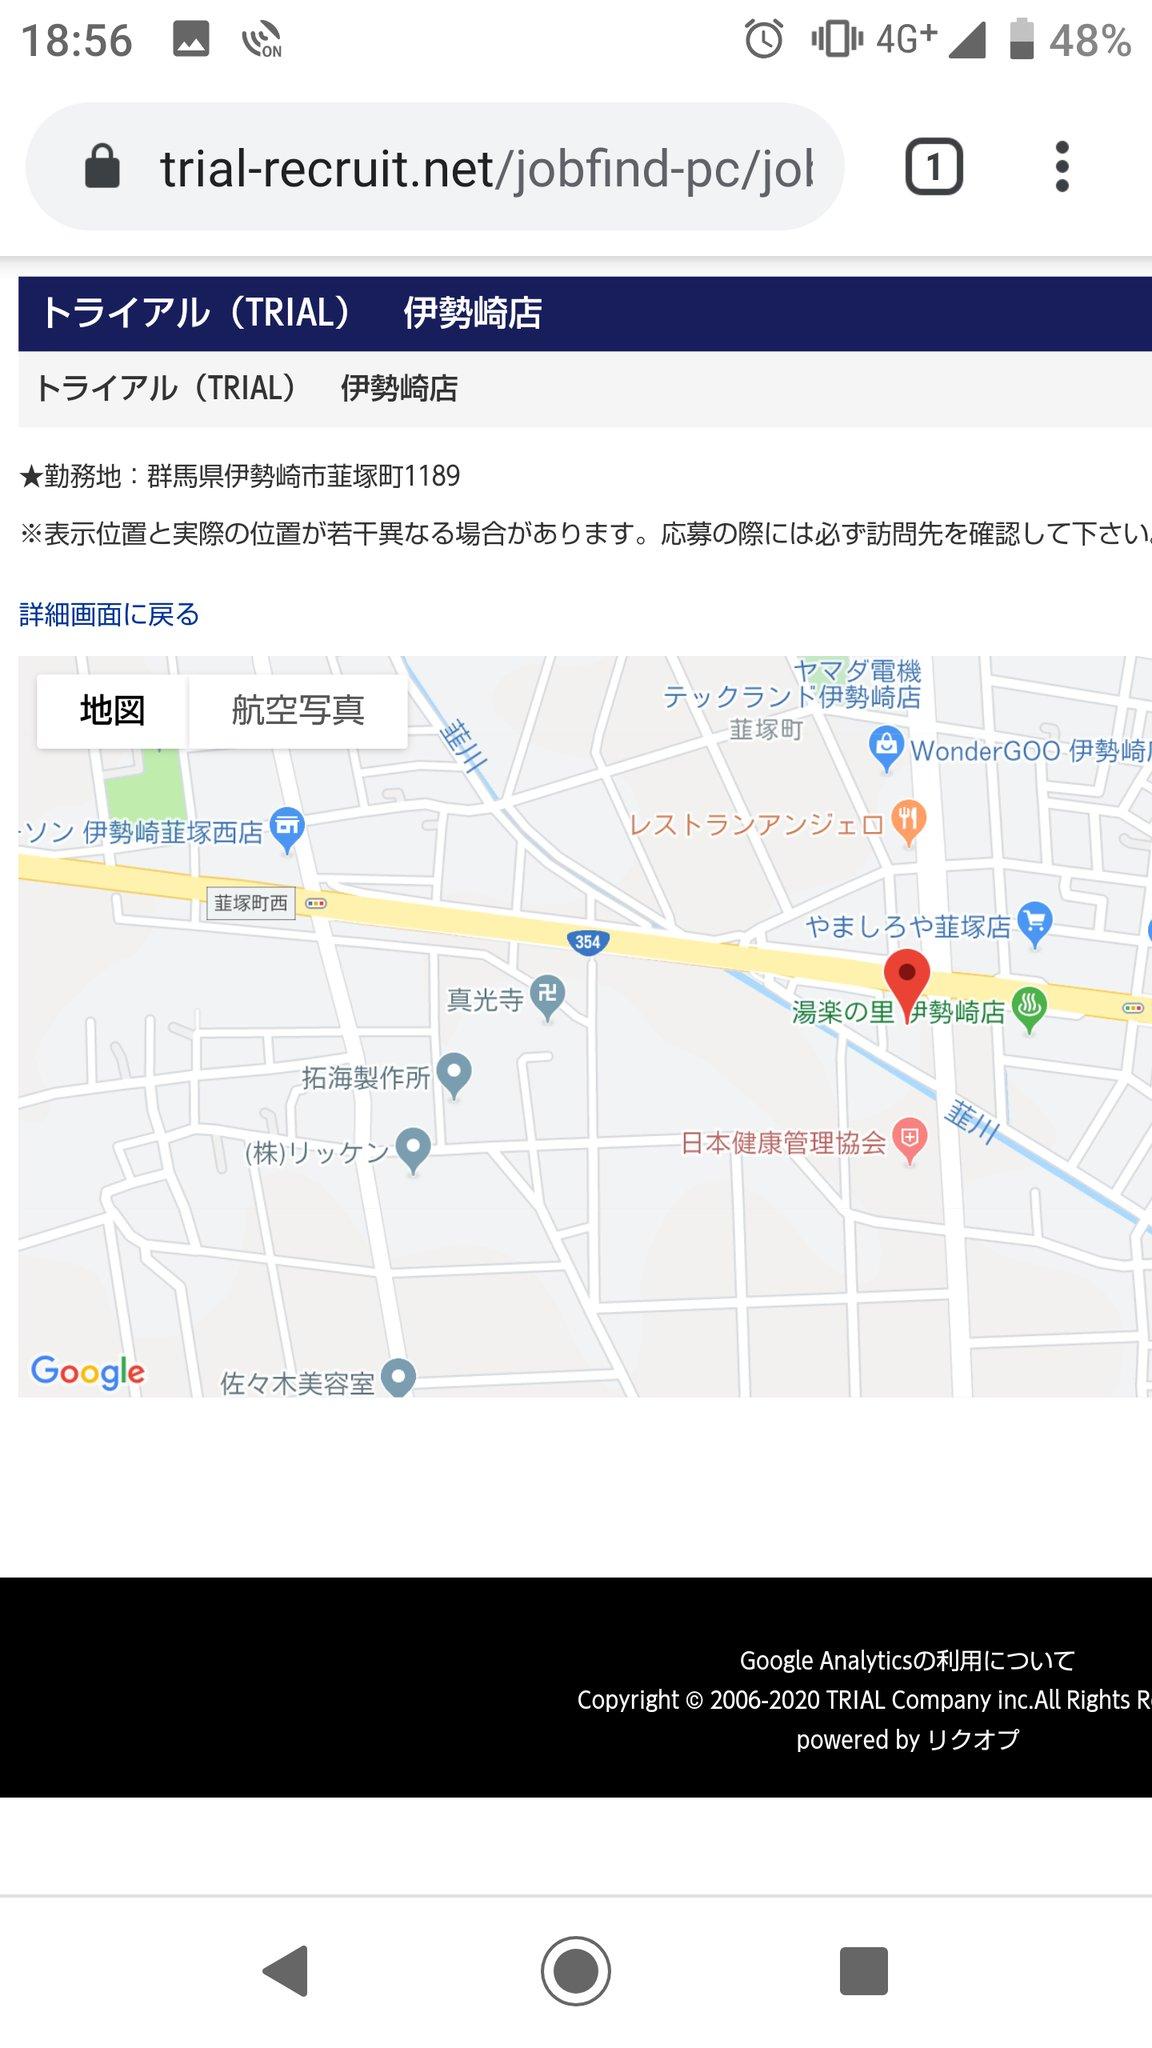 伊勢崎 トライアル